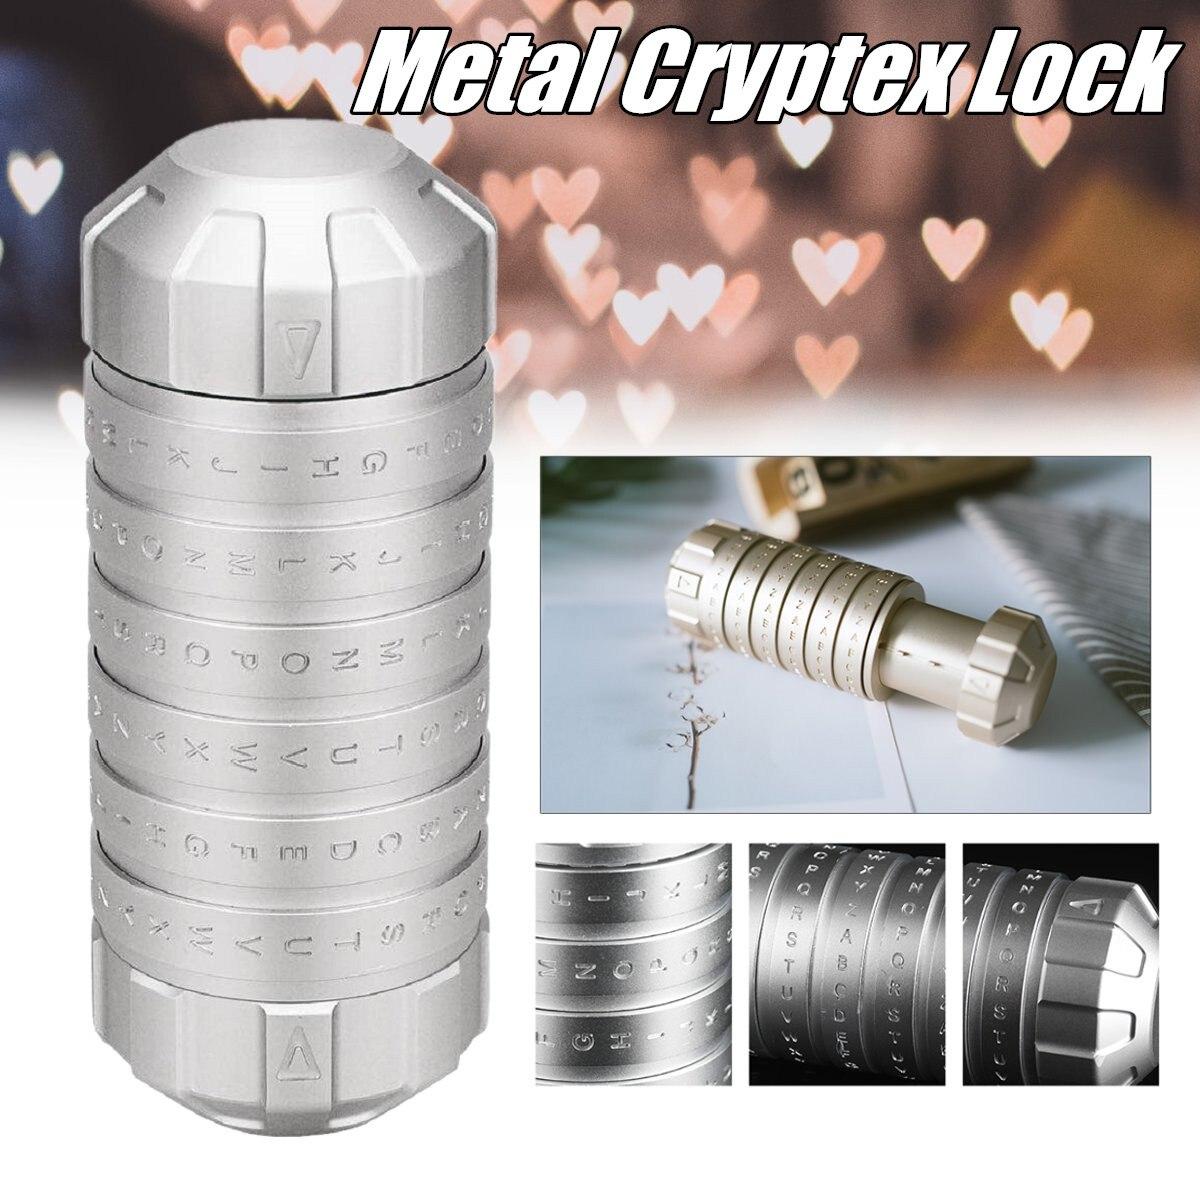 Mode nouveau Style jouets éducatifs en métal Cryptex serrures idées cadeaux Da Vinci Code serrure pour épouser les accessoires de chambre d'évasion amoureux